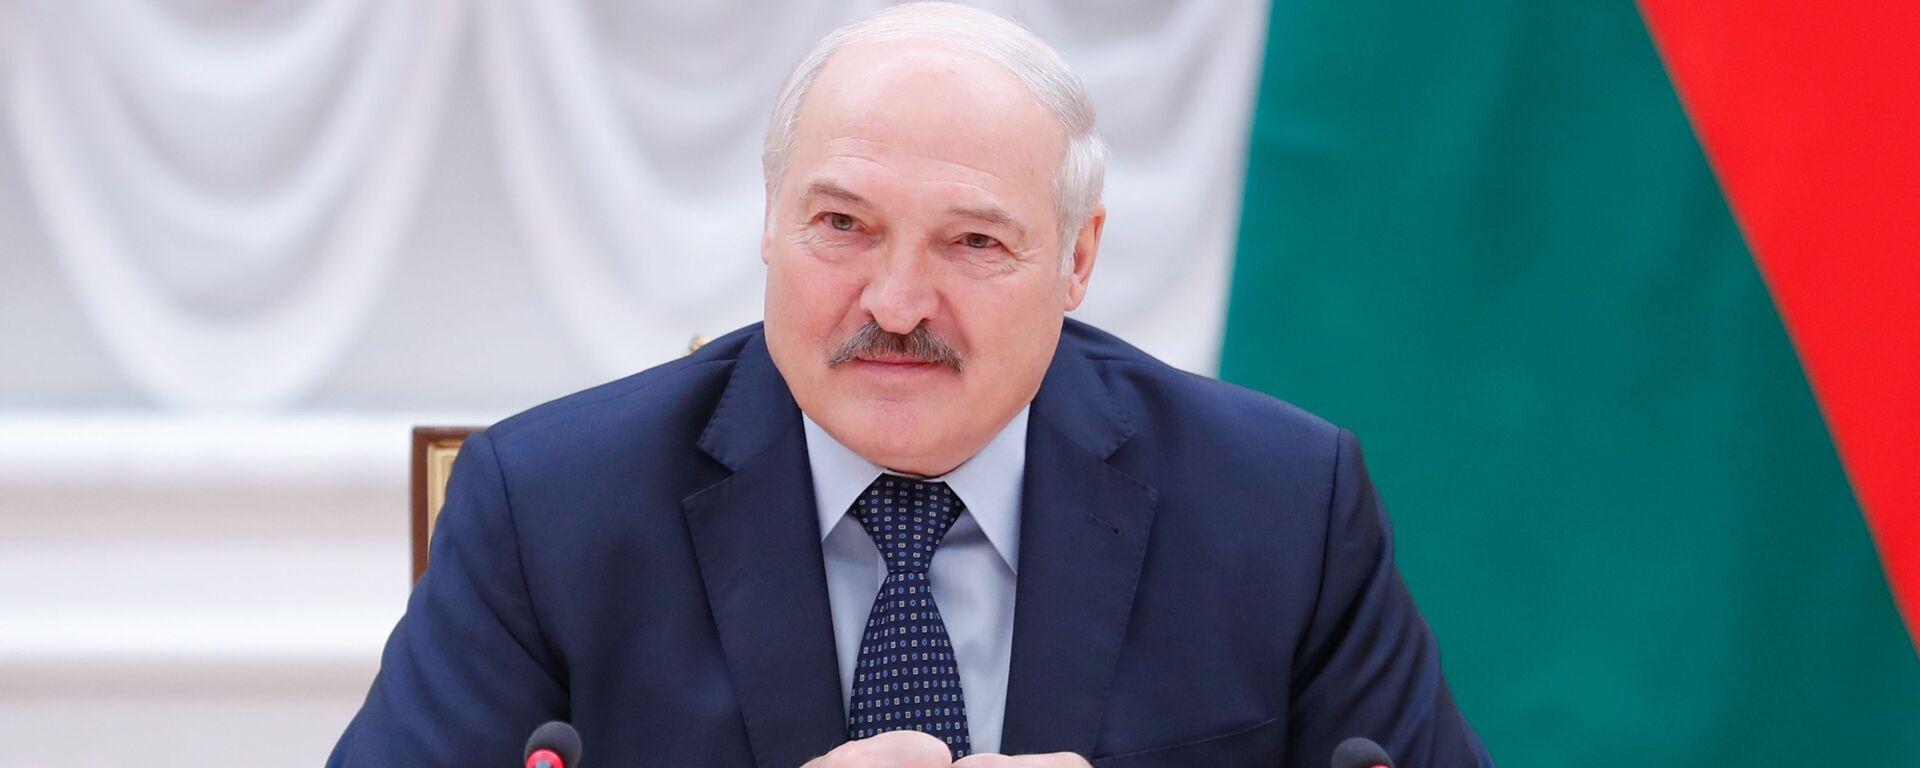 Prezydent Białorusi Aleksandr Łukaszenka. - Sputnik Polska, 1920, 17.09.2021